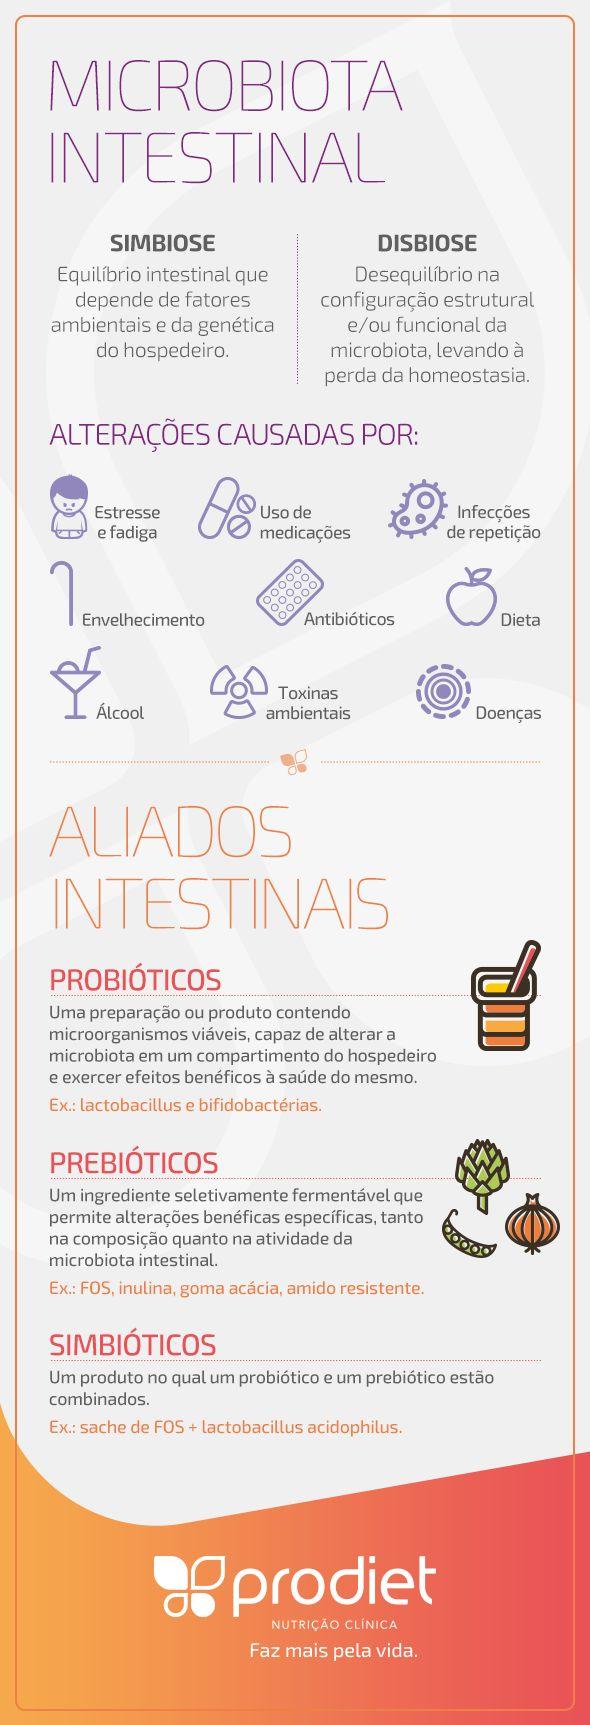 A COMPOSIÇÃO DA MICROBIOTA INTESTINAL E SEUS EFEITOS NA OBESIDADE